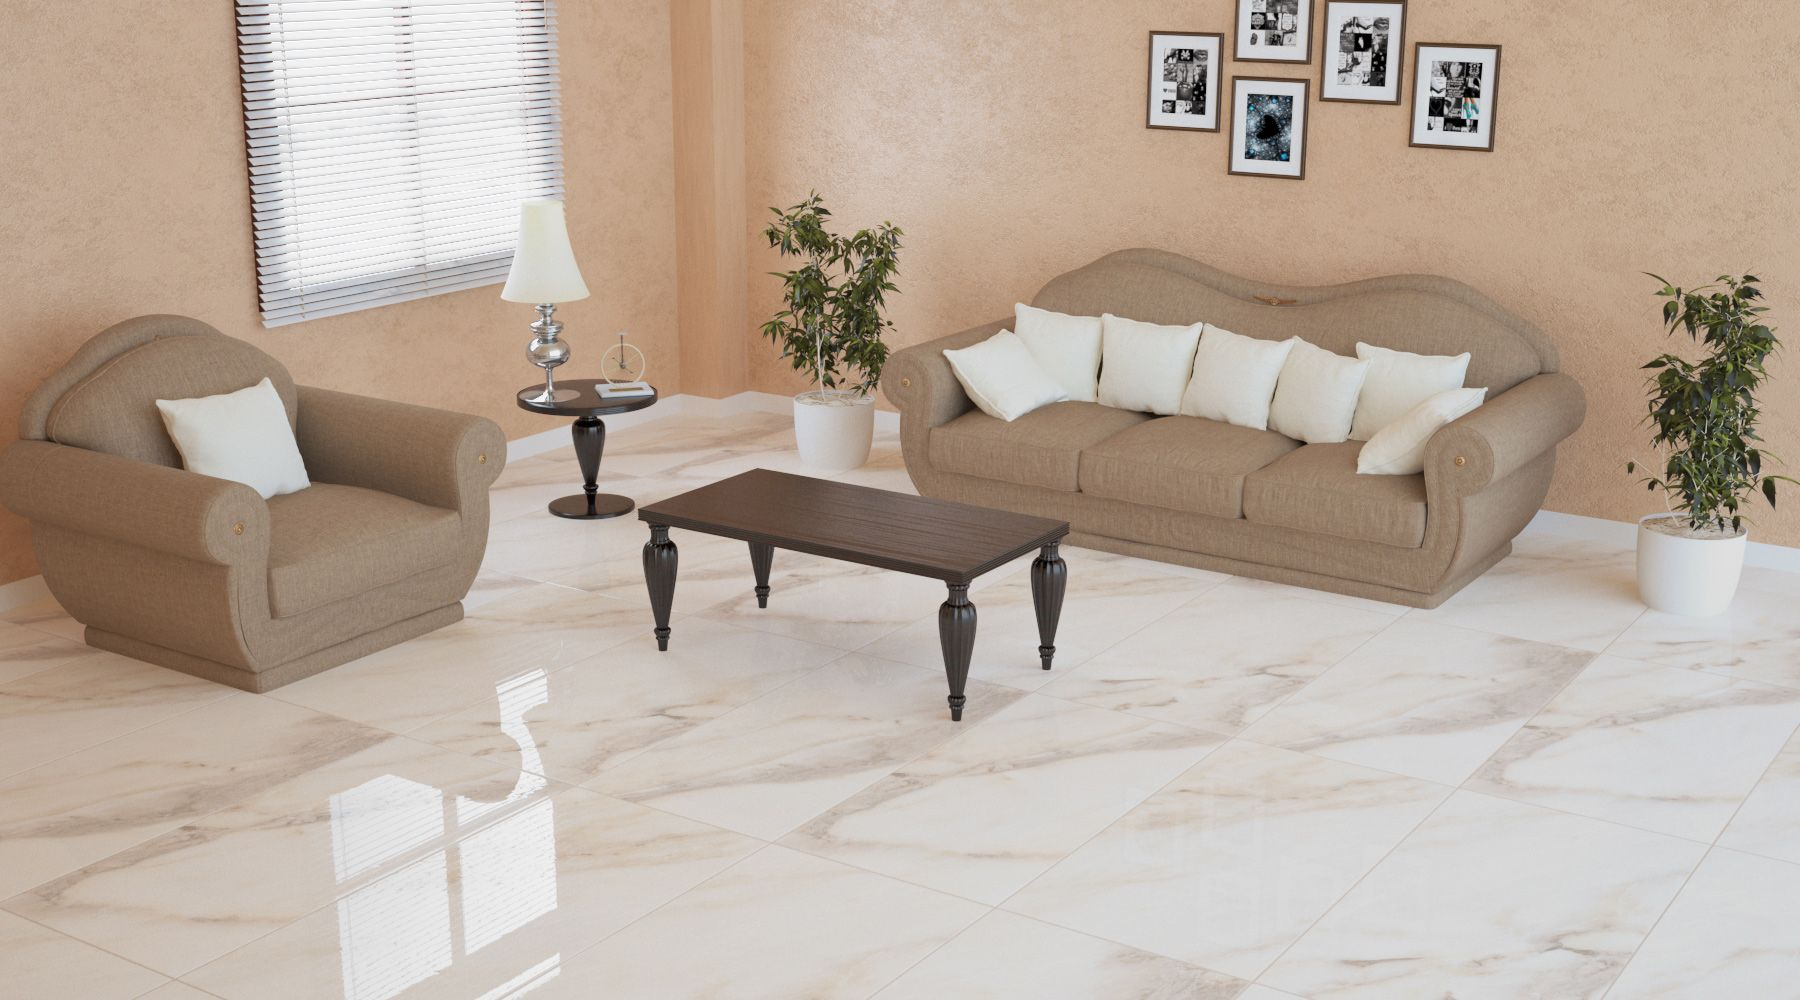 Glazed Vitrified Floor Tile In Coimbatore Floor Tile Design Flooring Tile Floor